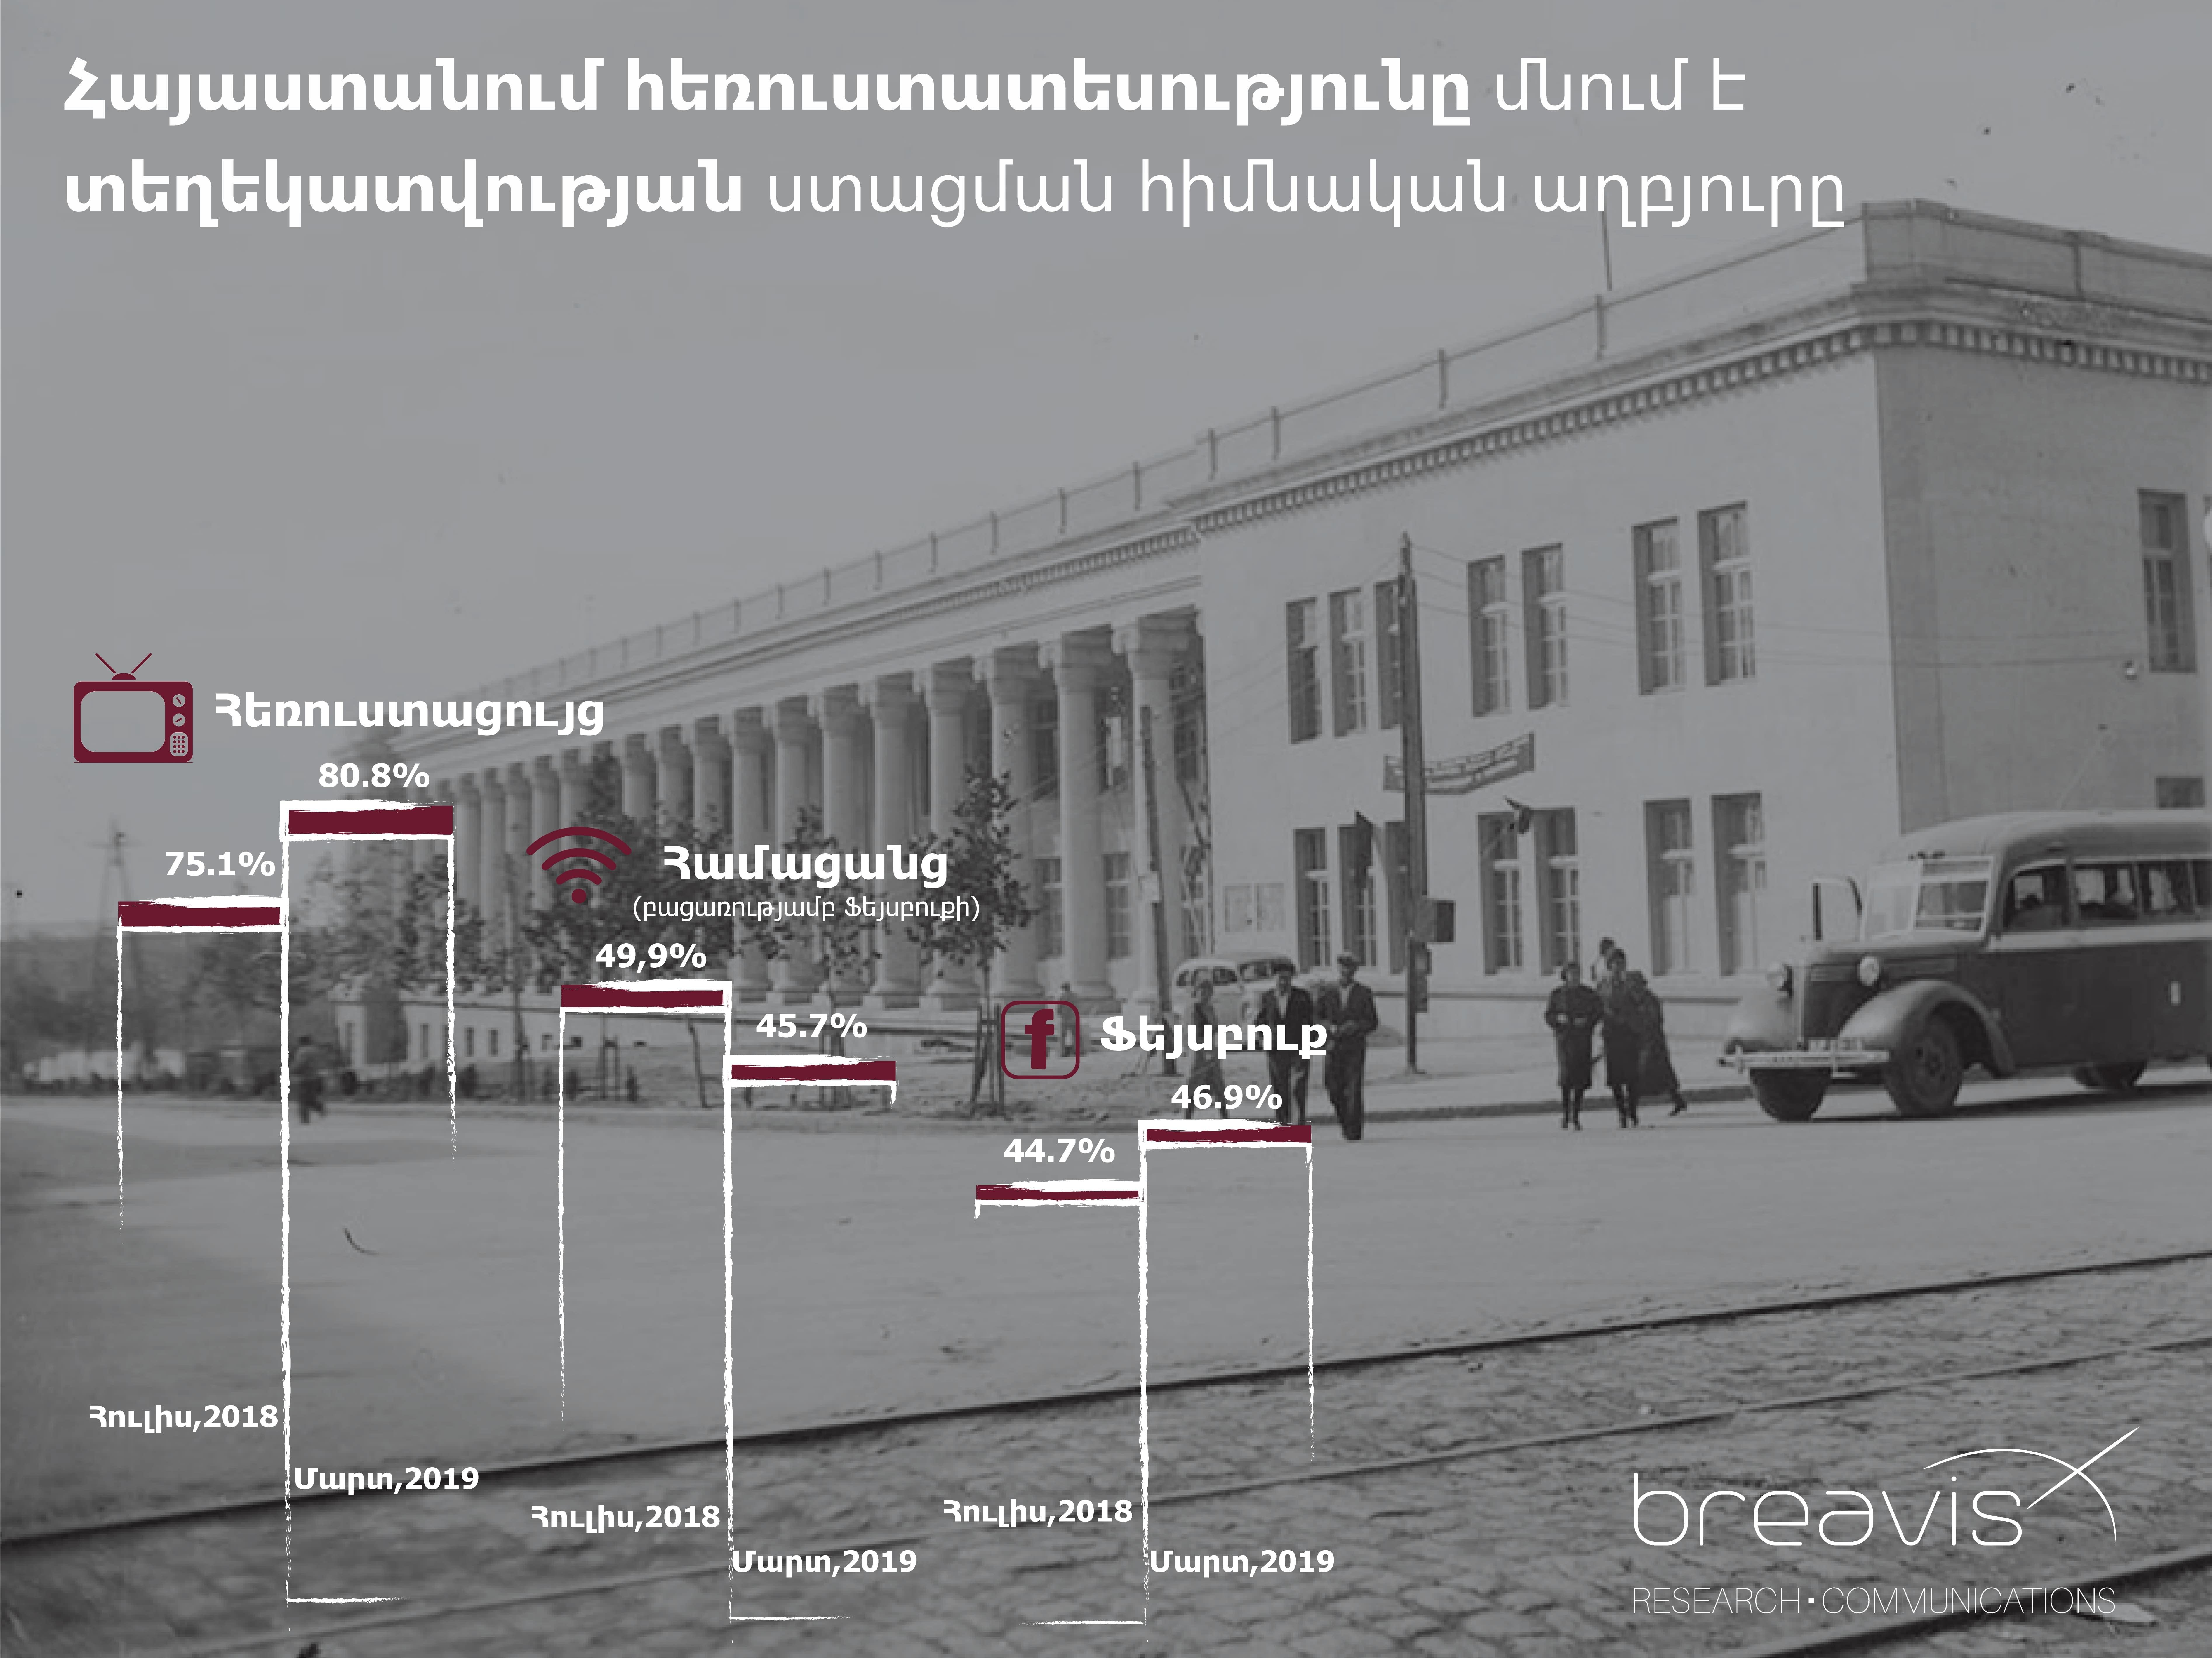 Տեղեկատվության աղբյուրները Հասյատանում